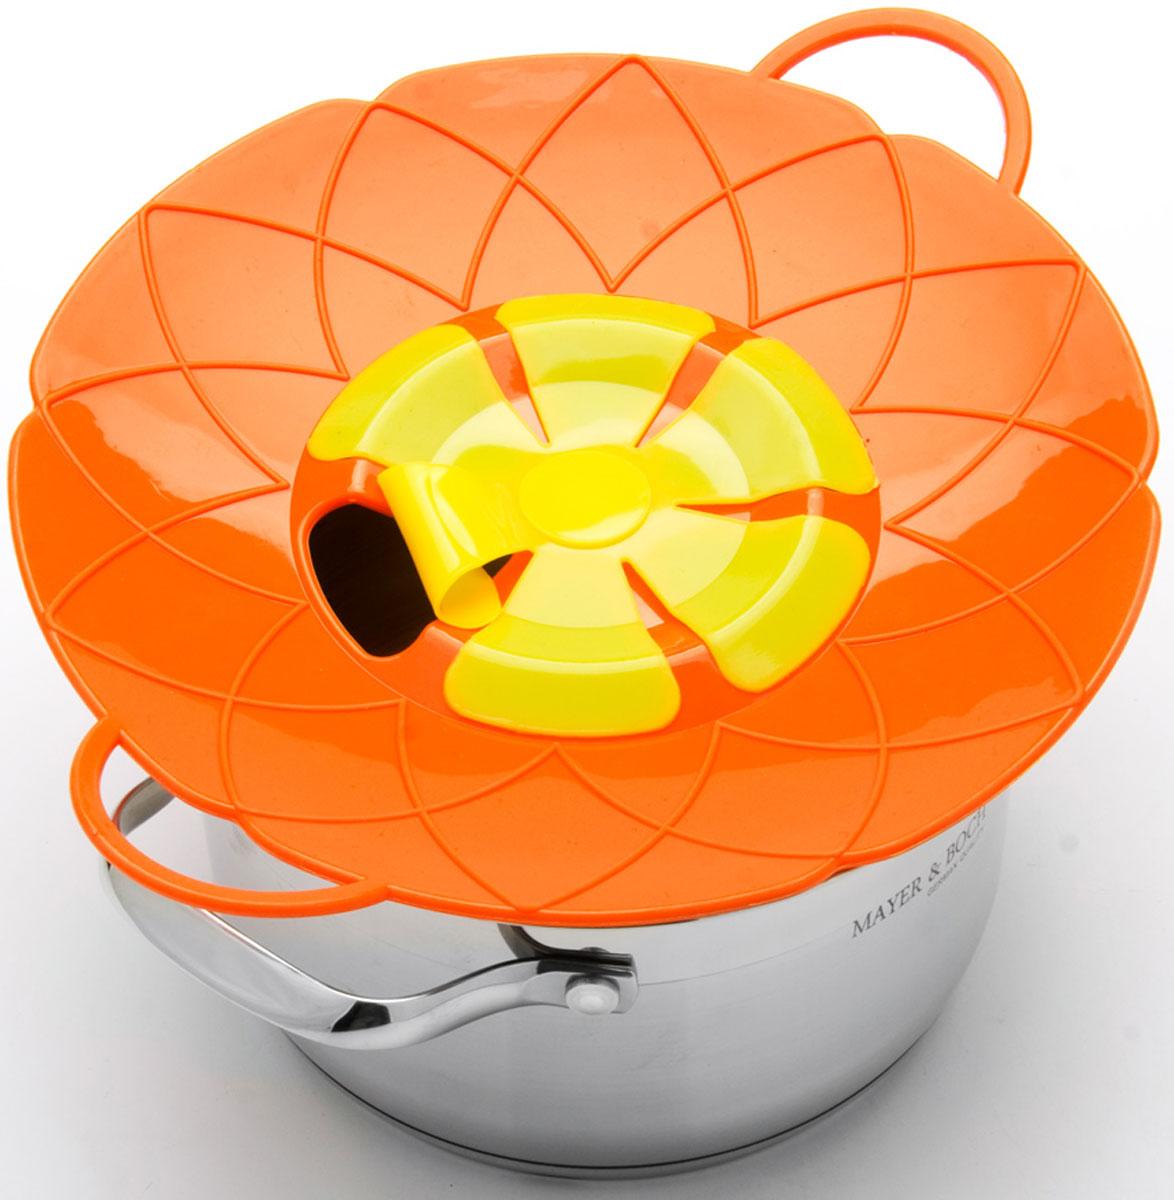 Крышка-невыкипайка Mayer & Boch, цвет: оранжевый, желтый, диаметр 25 см24256-3Силиконовая крышка 2 в 1 (невыкипайка и пароварка) изготовлена из силикона высокого качества. Не теряет форму от высоких температур. Крышка-невыкипайка предотвращает выкипание и брызги. Изделие значительно облегчит приготовление пищи. При хранении в прохладных местах крышка обеспечит свежесть продуктов. При использовании крышки в микроволновой печи, масло не разбрызгивается.Диаметр крышки: 25 см.